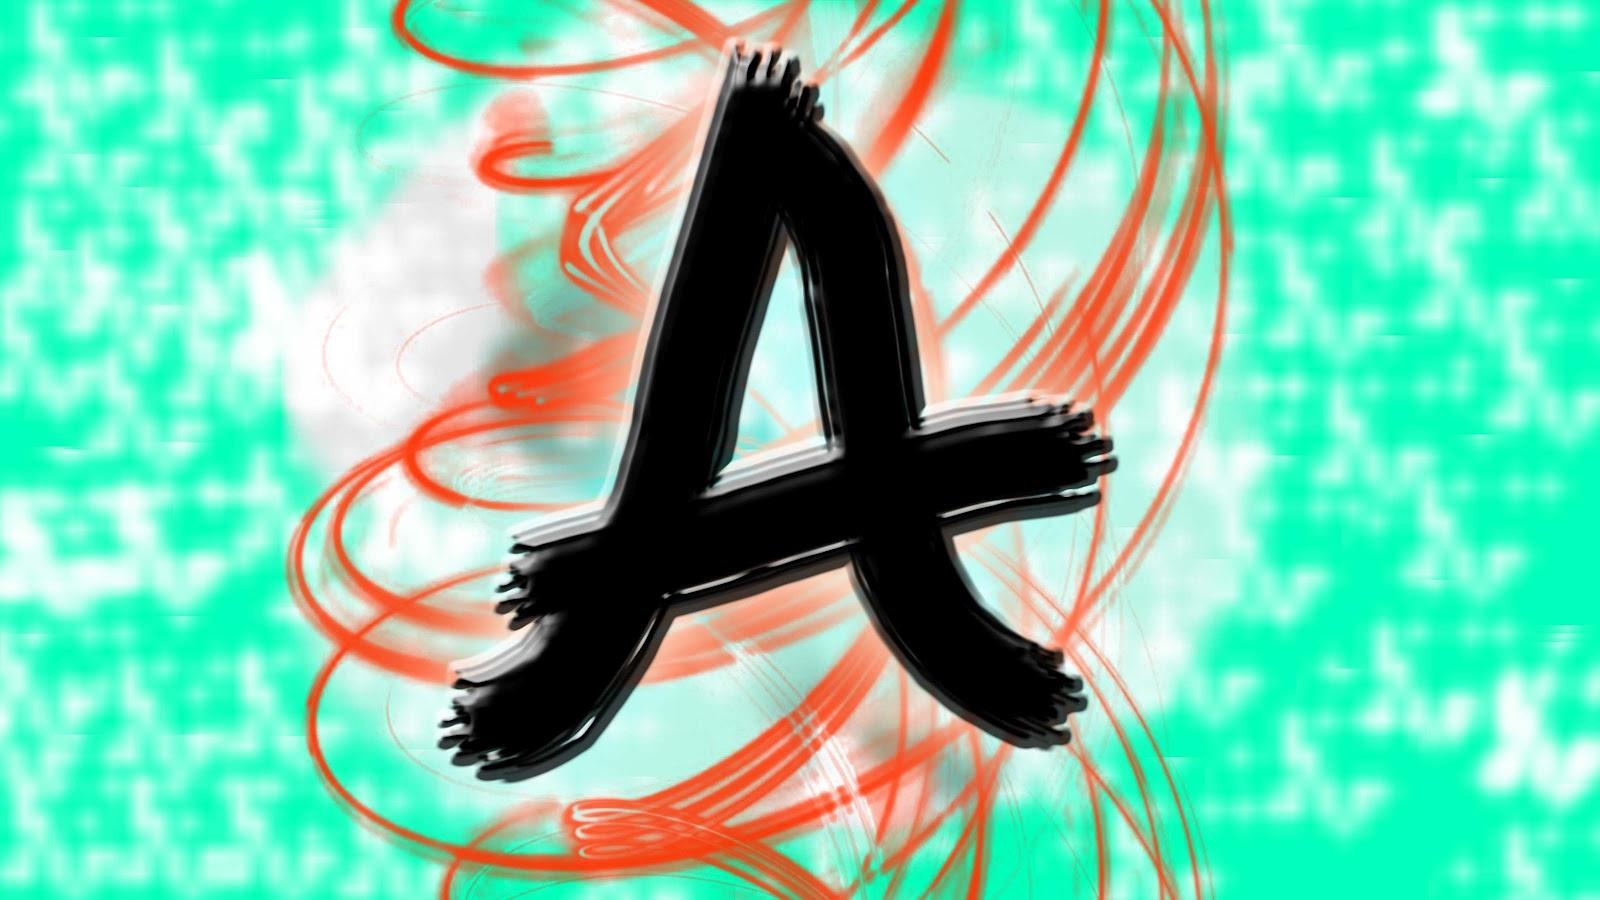 Z Alphabet Wallpaper Stylish  bianoticom